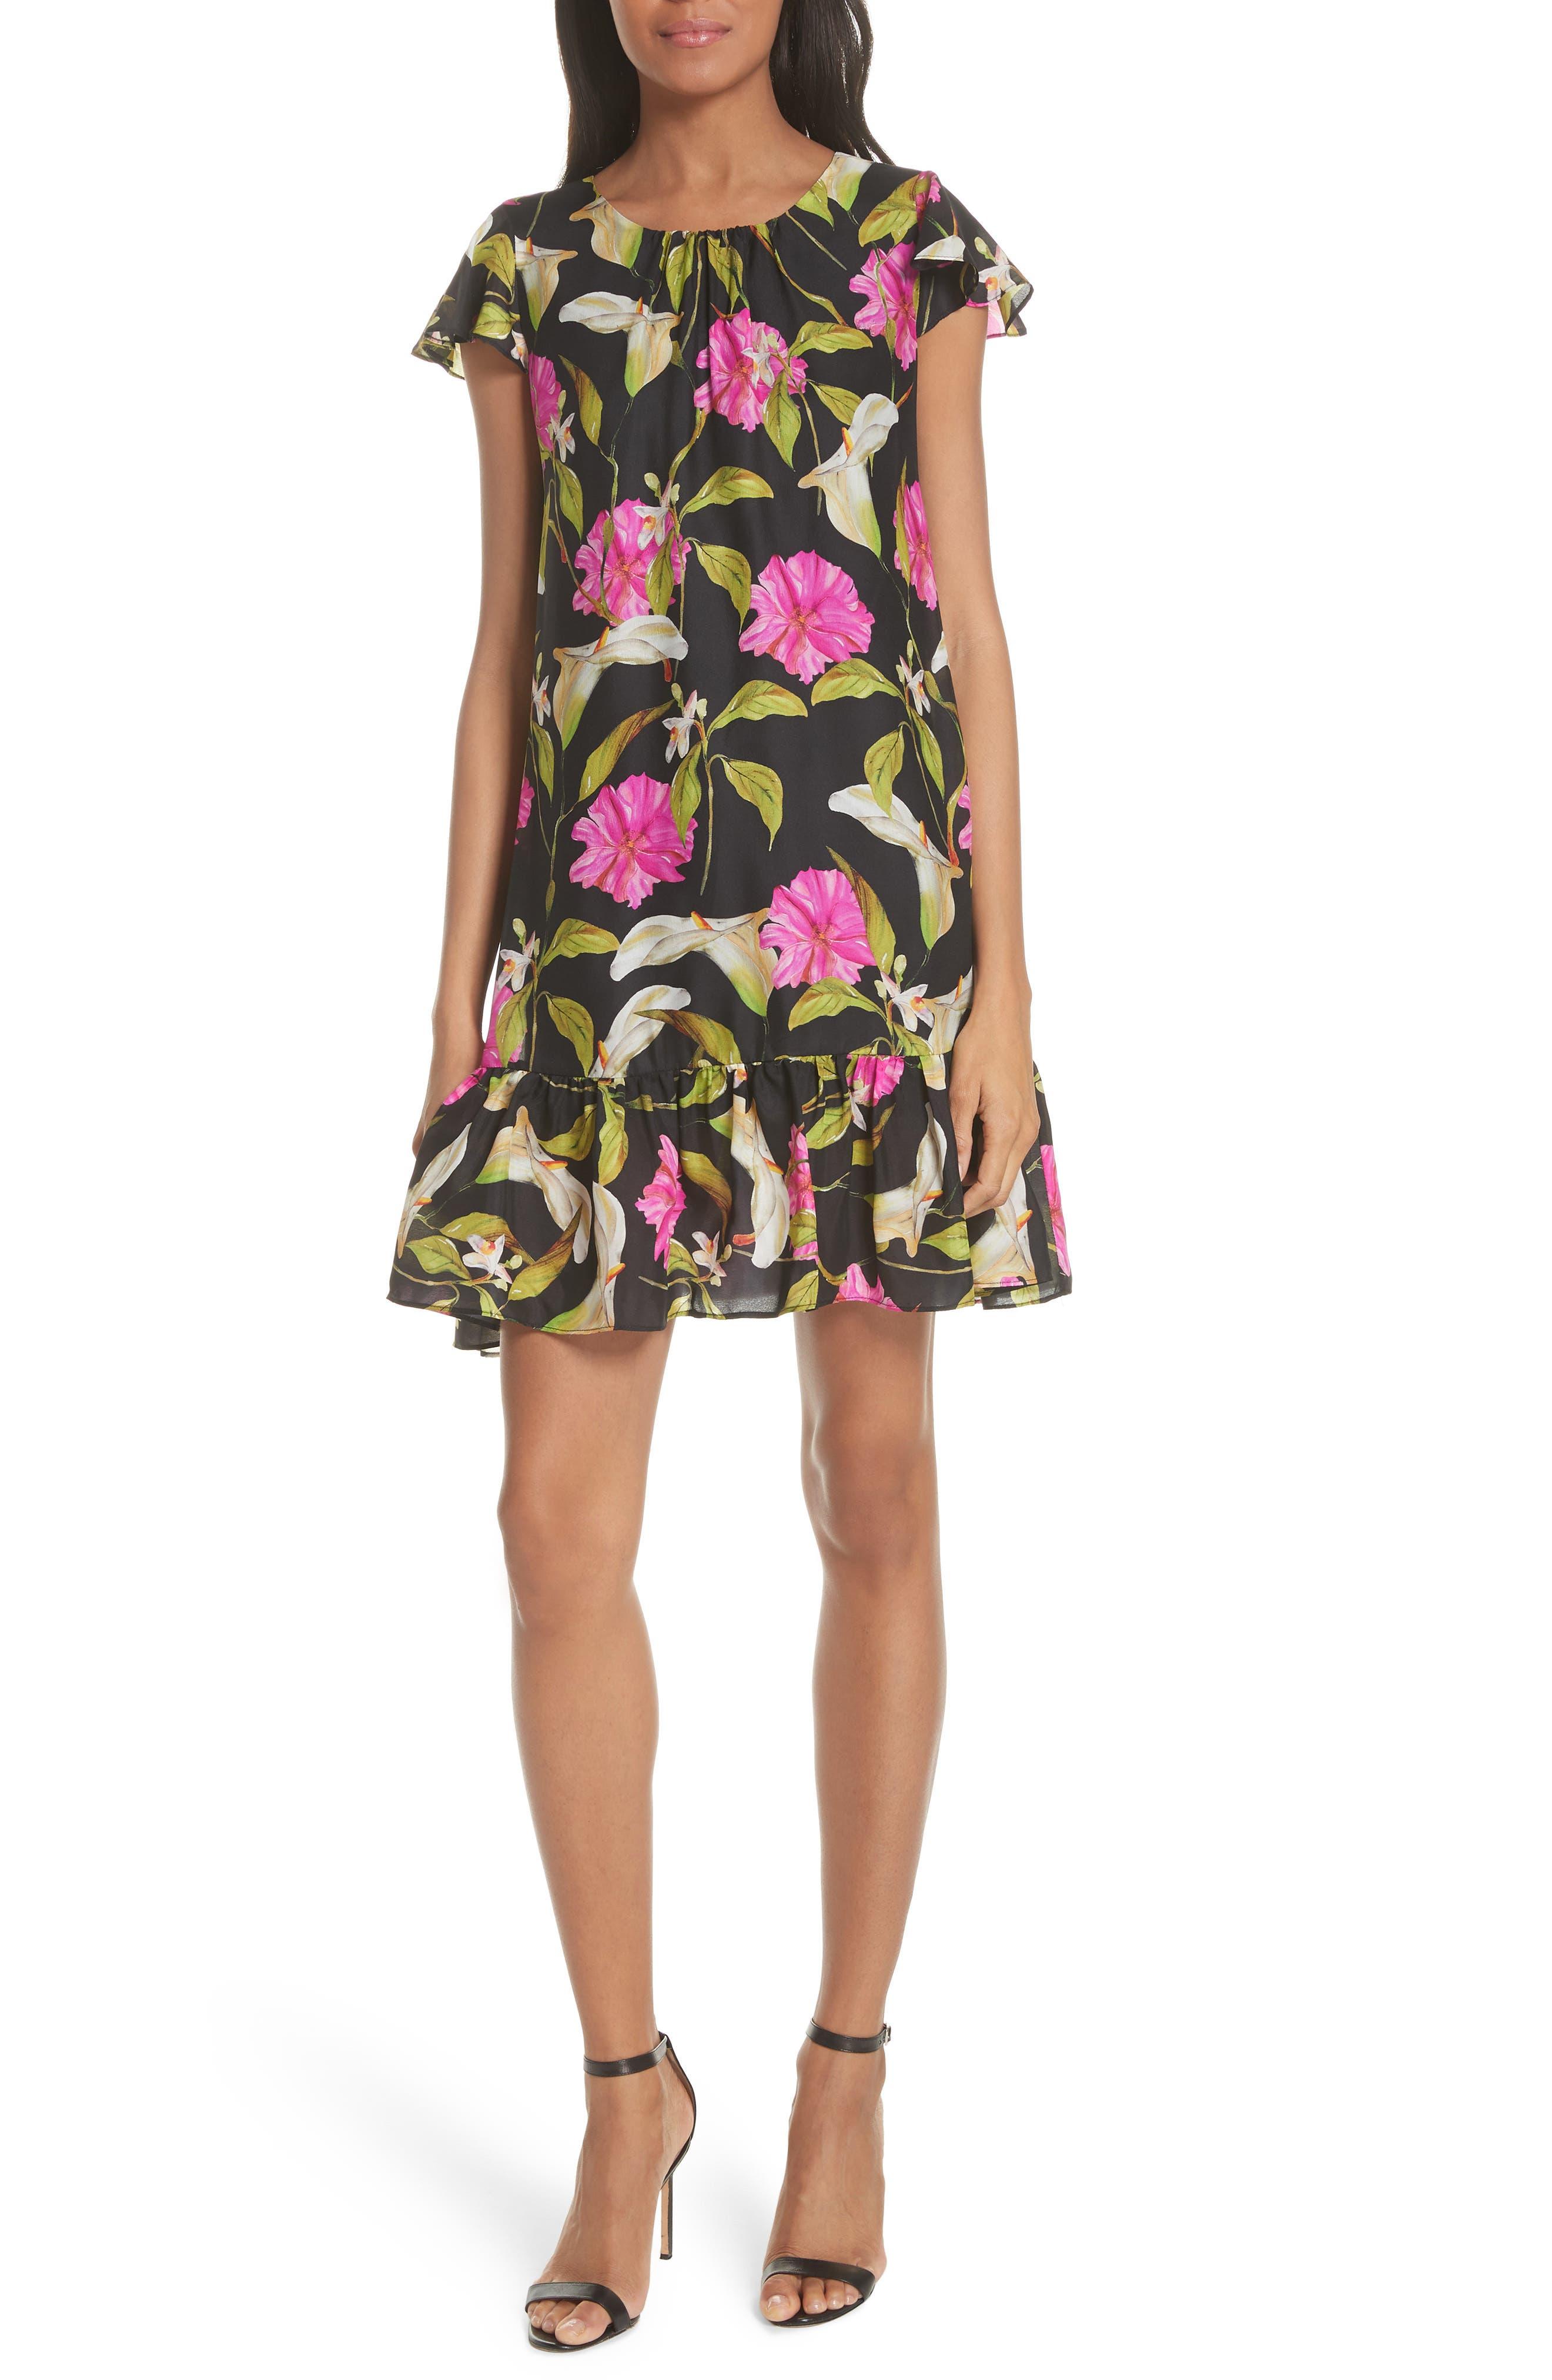 Jill Large Calla Lily Shift Dress,                             Main thumbnail 1, color,                             004